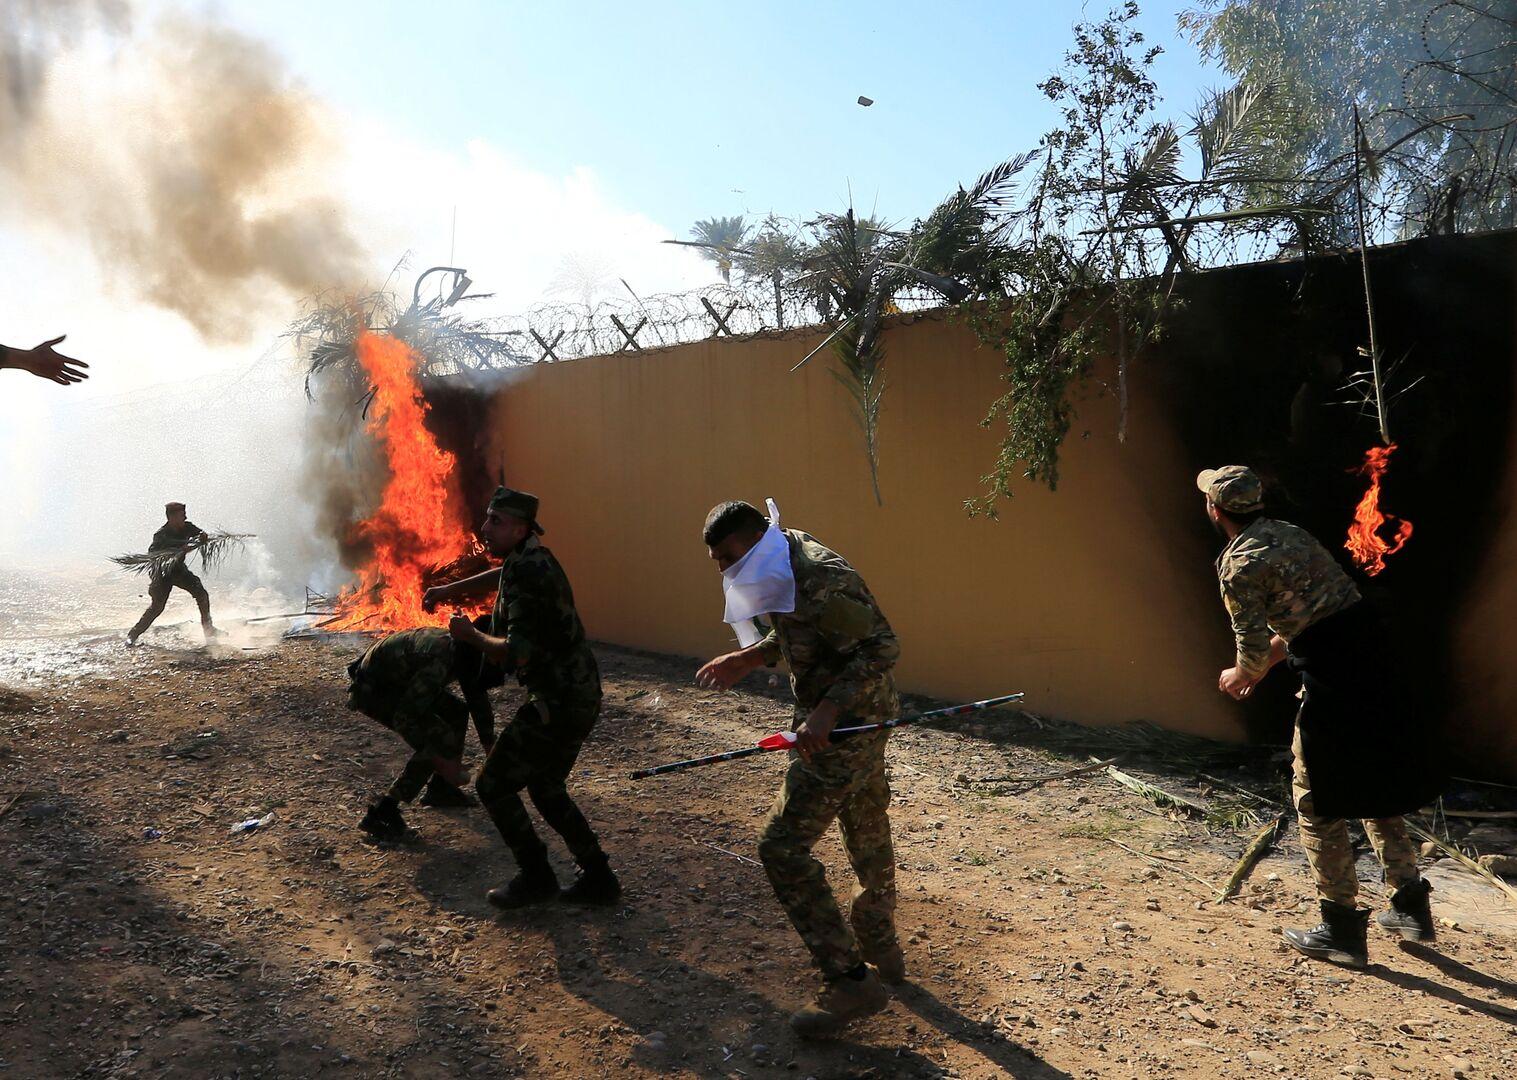 اقتحام السفارة الأمريكية في بغداد.. 62 جريحا بين المحتجين ونشر قوات عراقية خاصة بمحيط البعثة